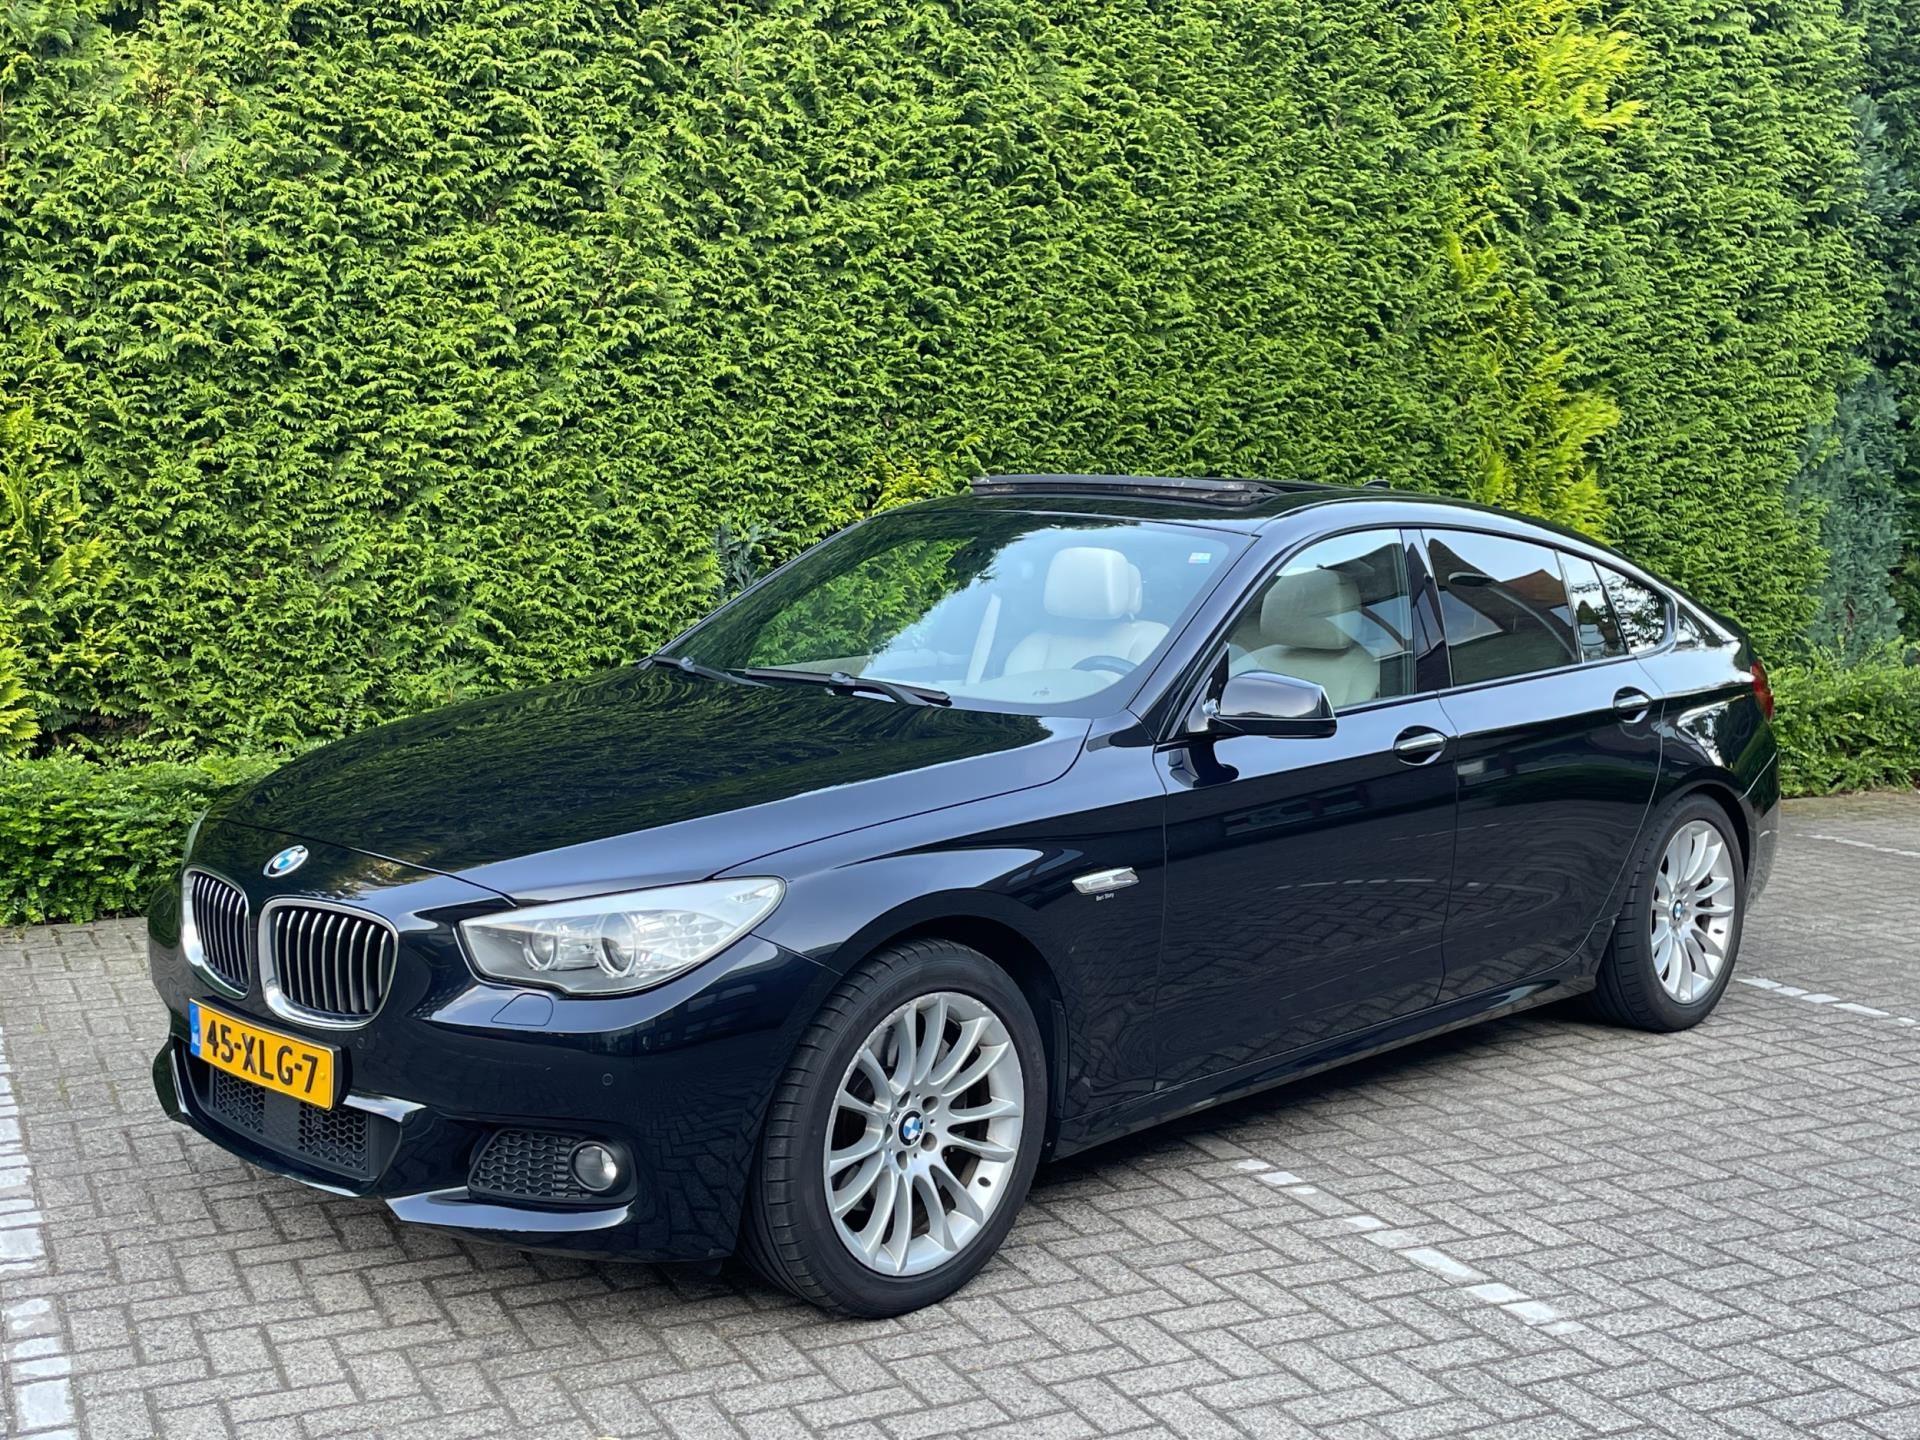 BMW 5-serie Gran Turismo occasion - Dealer Outlet Cuijk b.v.